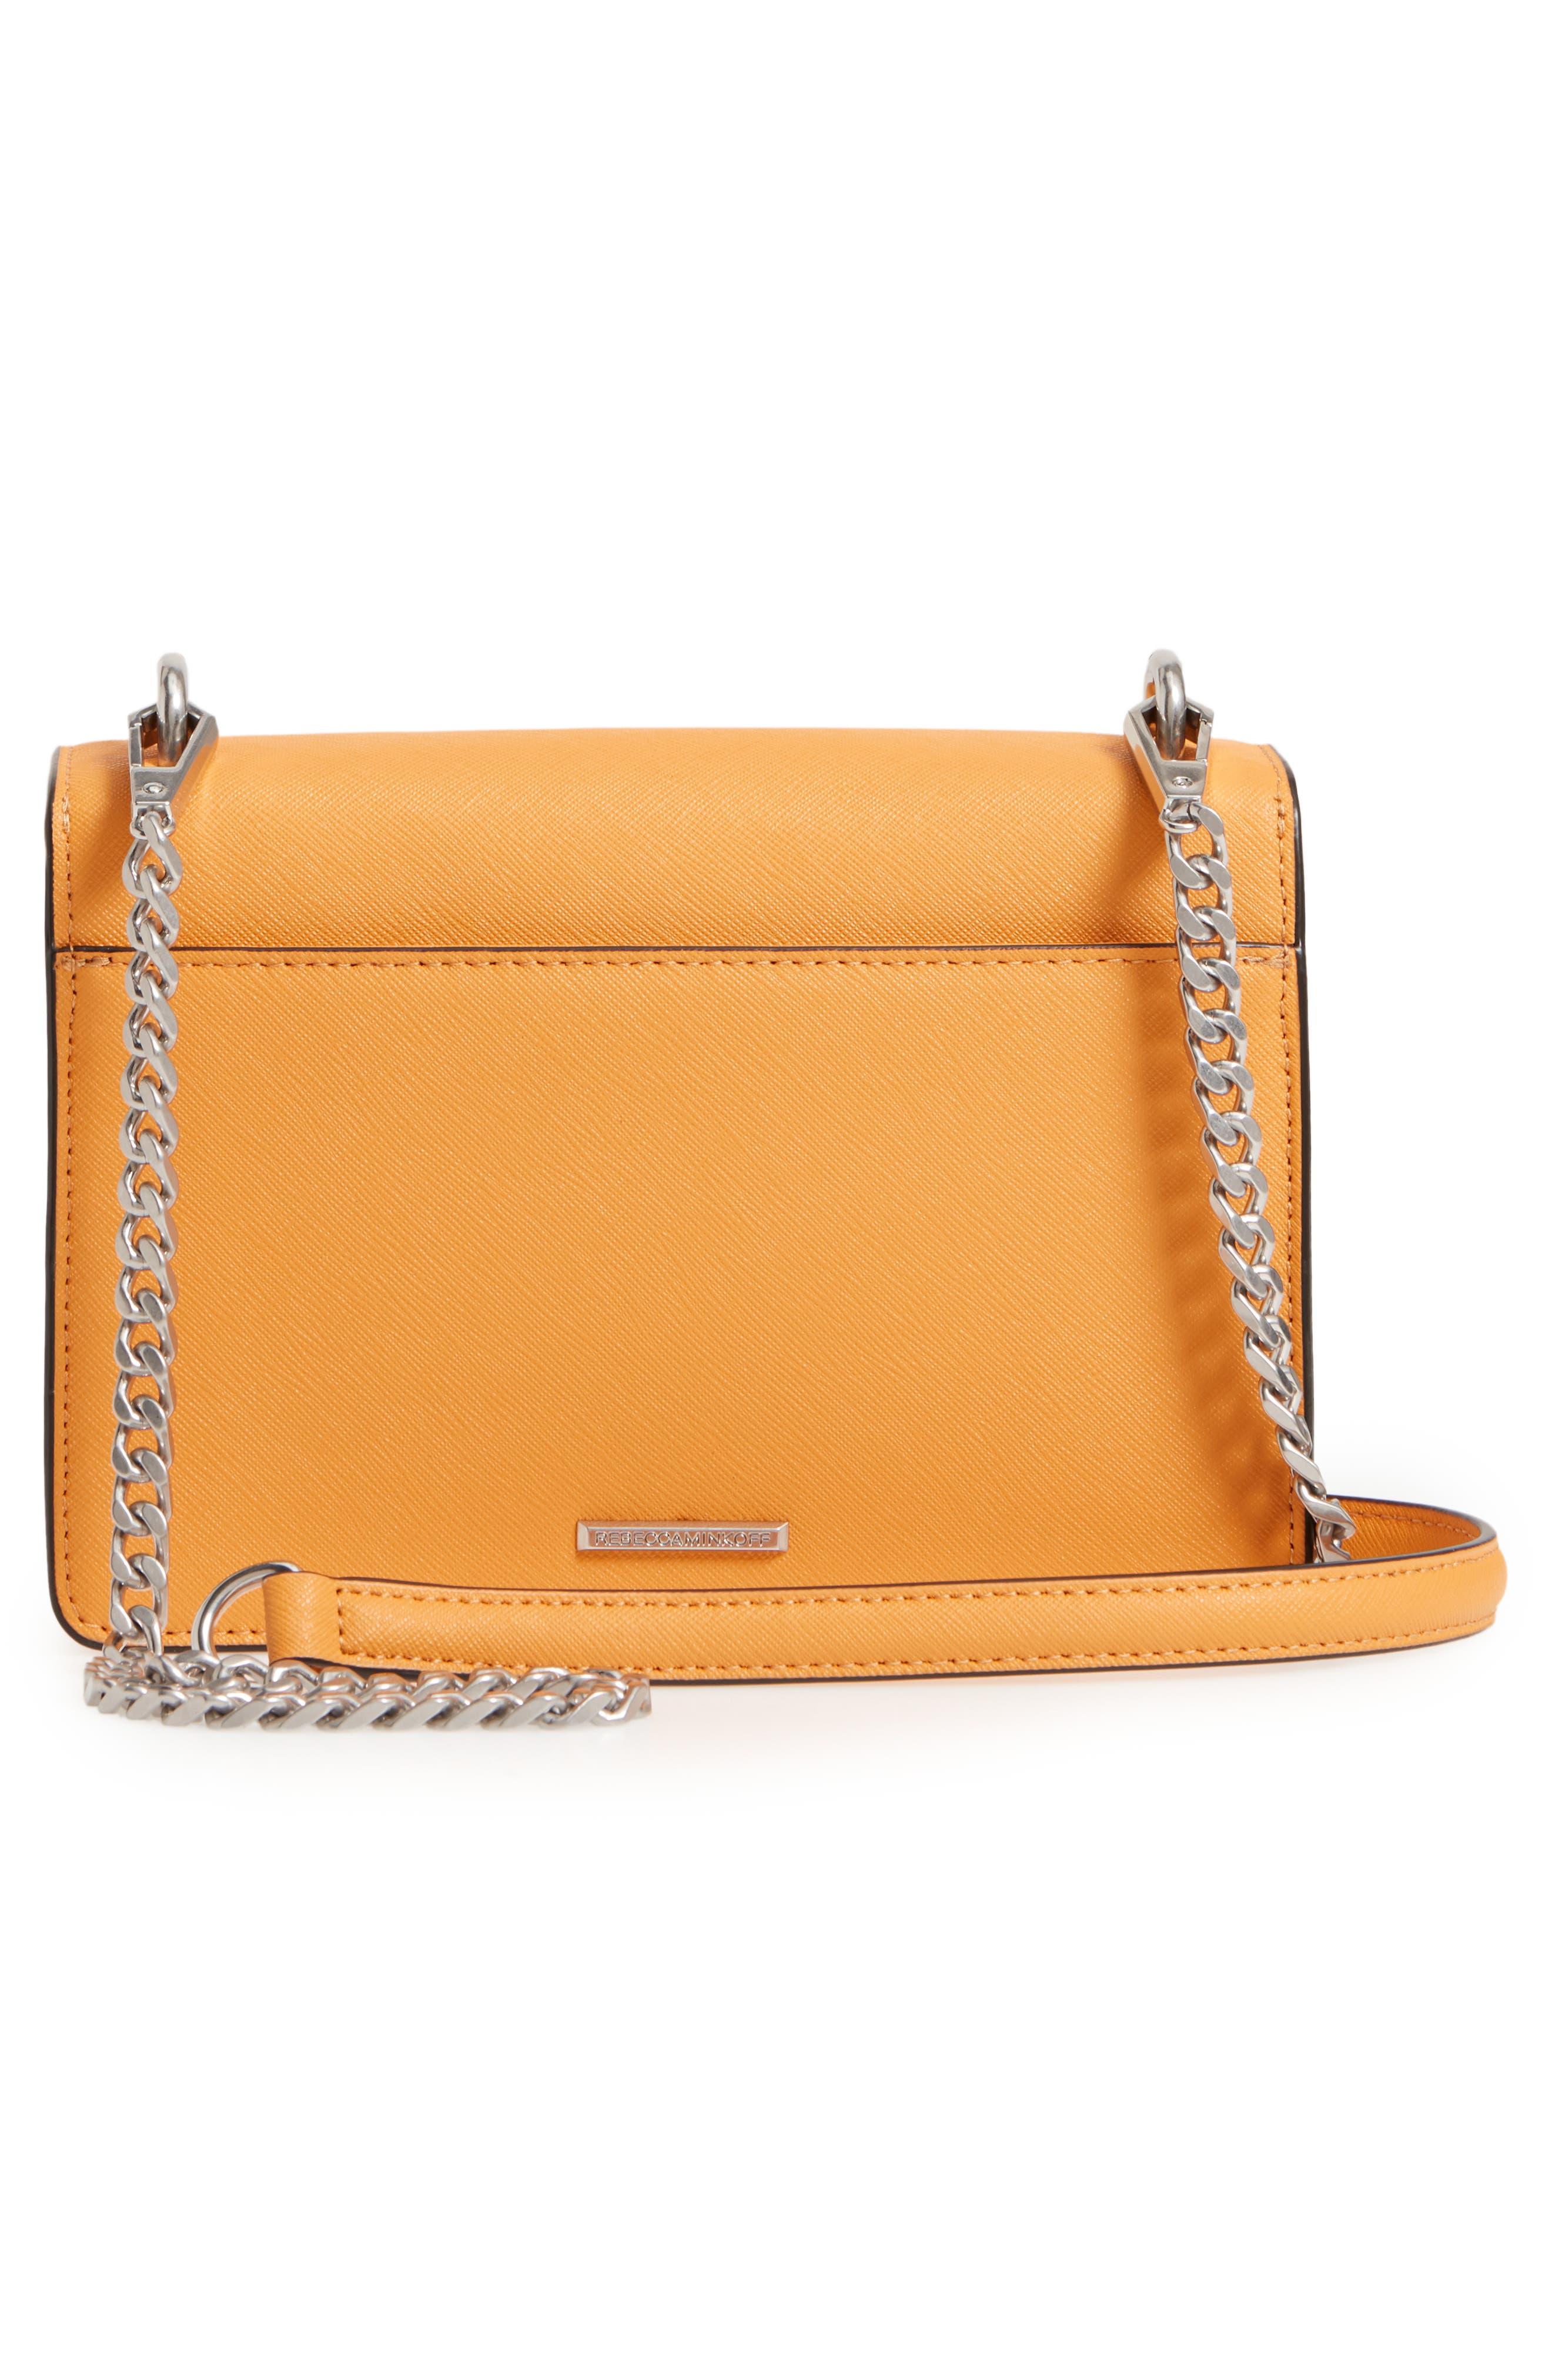 Medium Christy Leather Shoulder Bag,                             Alternate thumbnail 12, color,